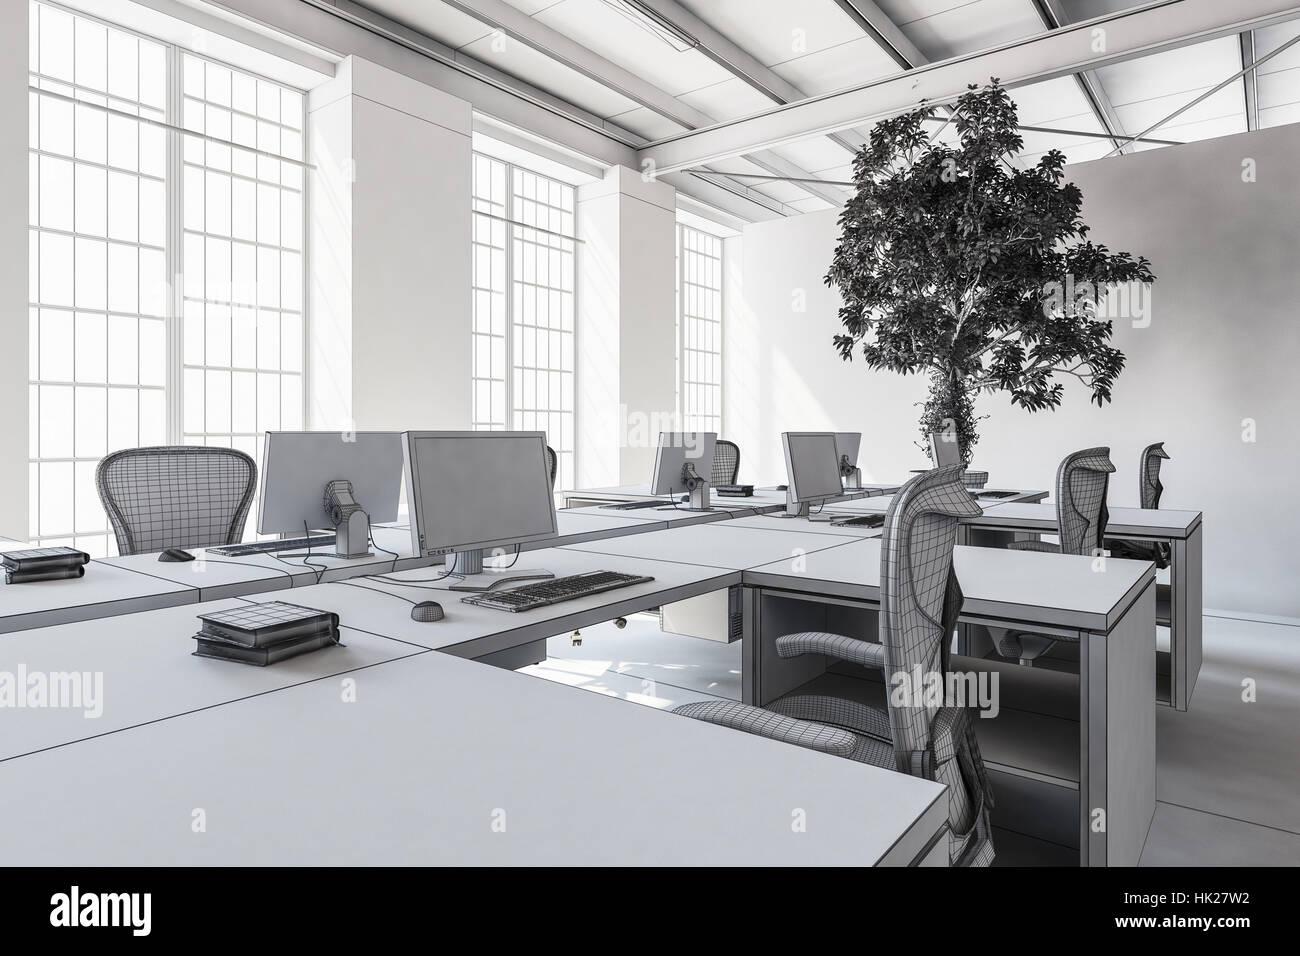 3d rendering interior empty factory stockfotos & 3d rendering